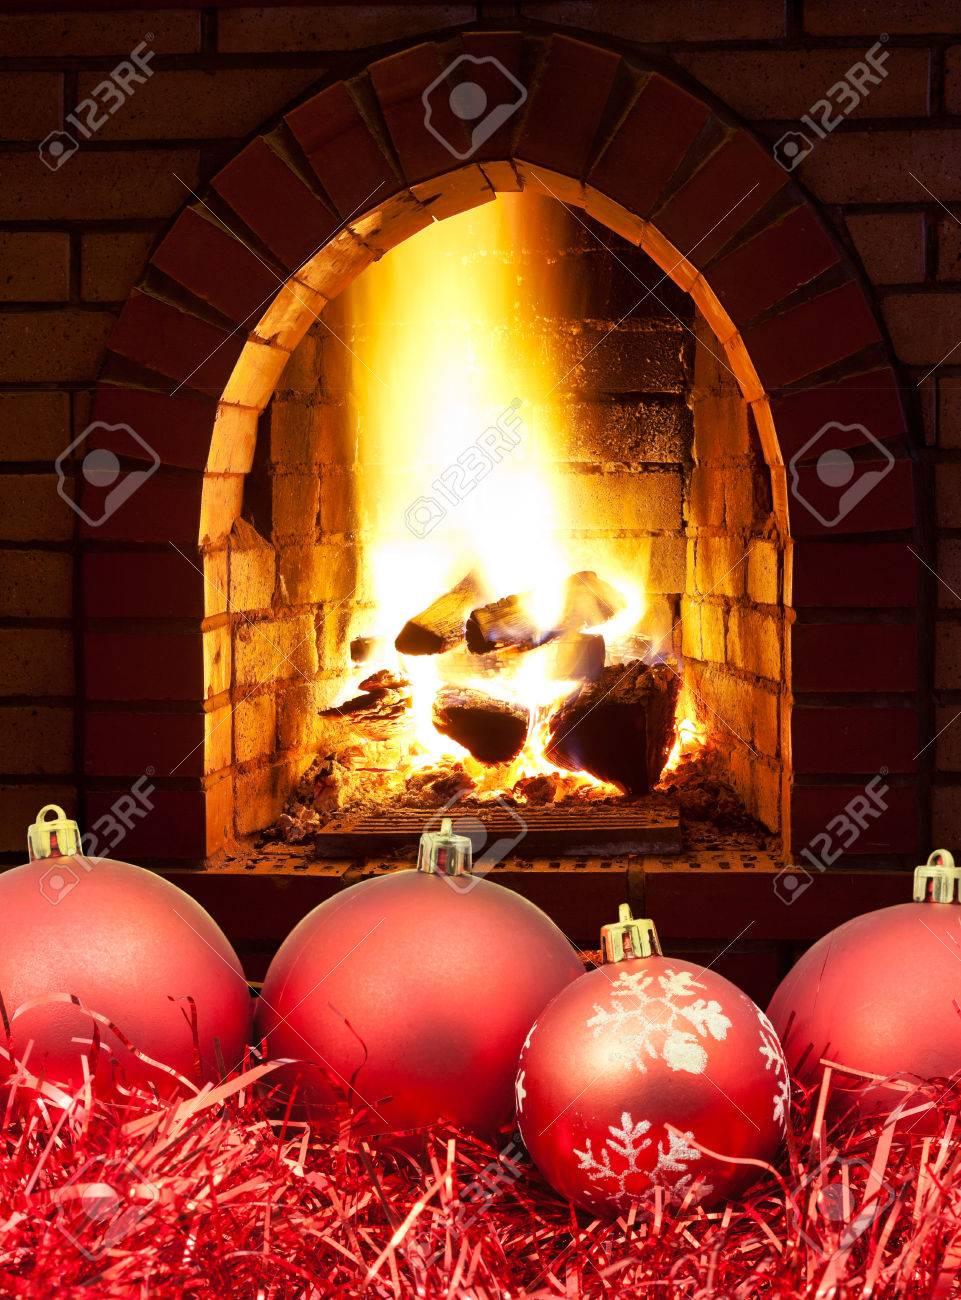 Boules De Noël Rouges Et Guirlandes Avec Feu Ouvert Dans La Cheminée